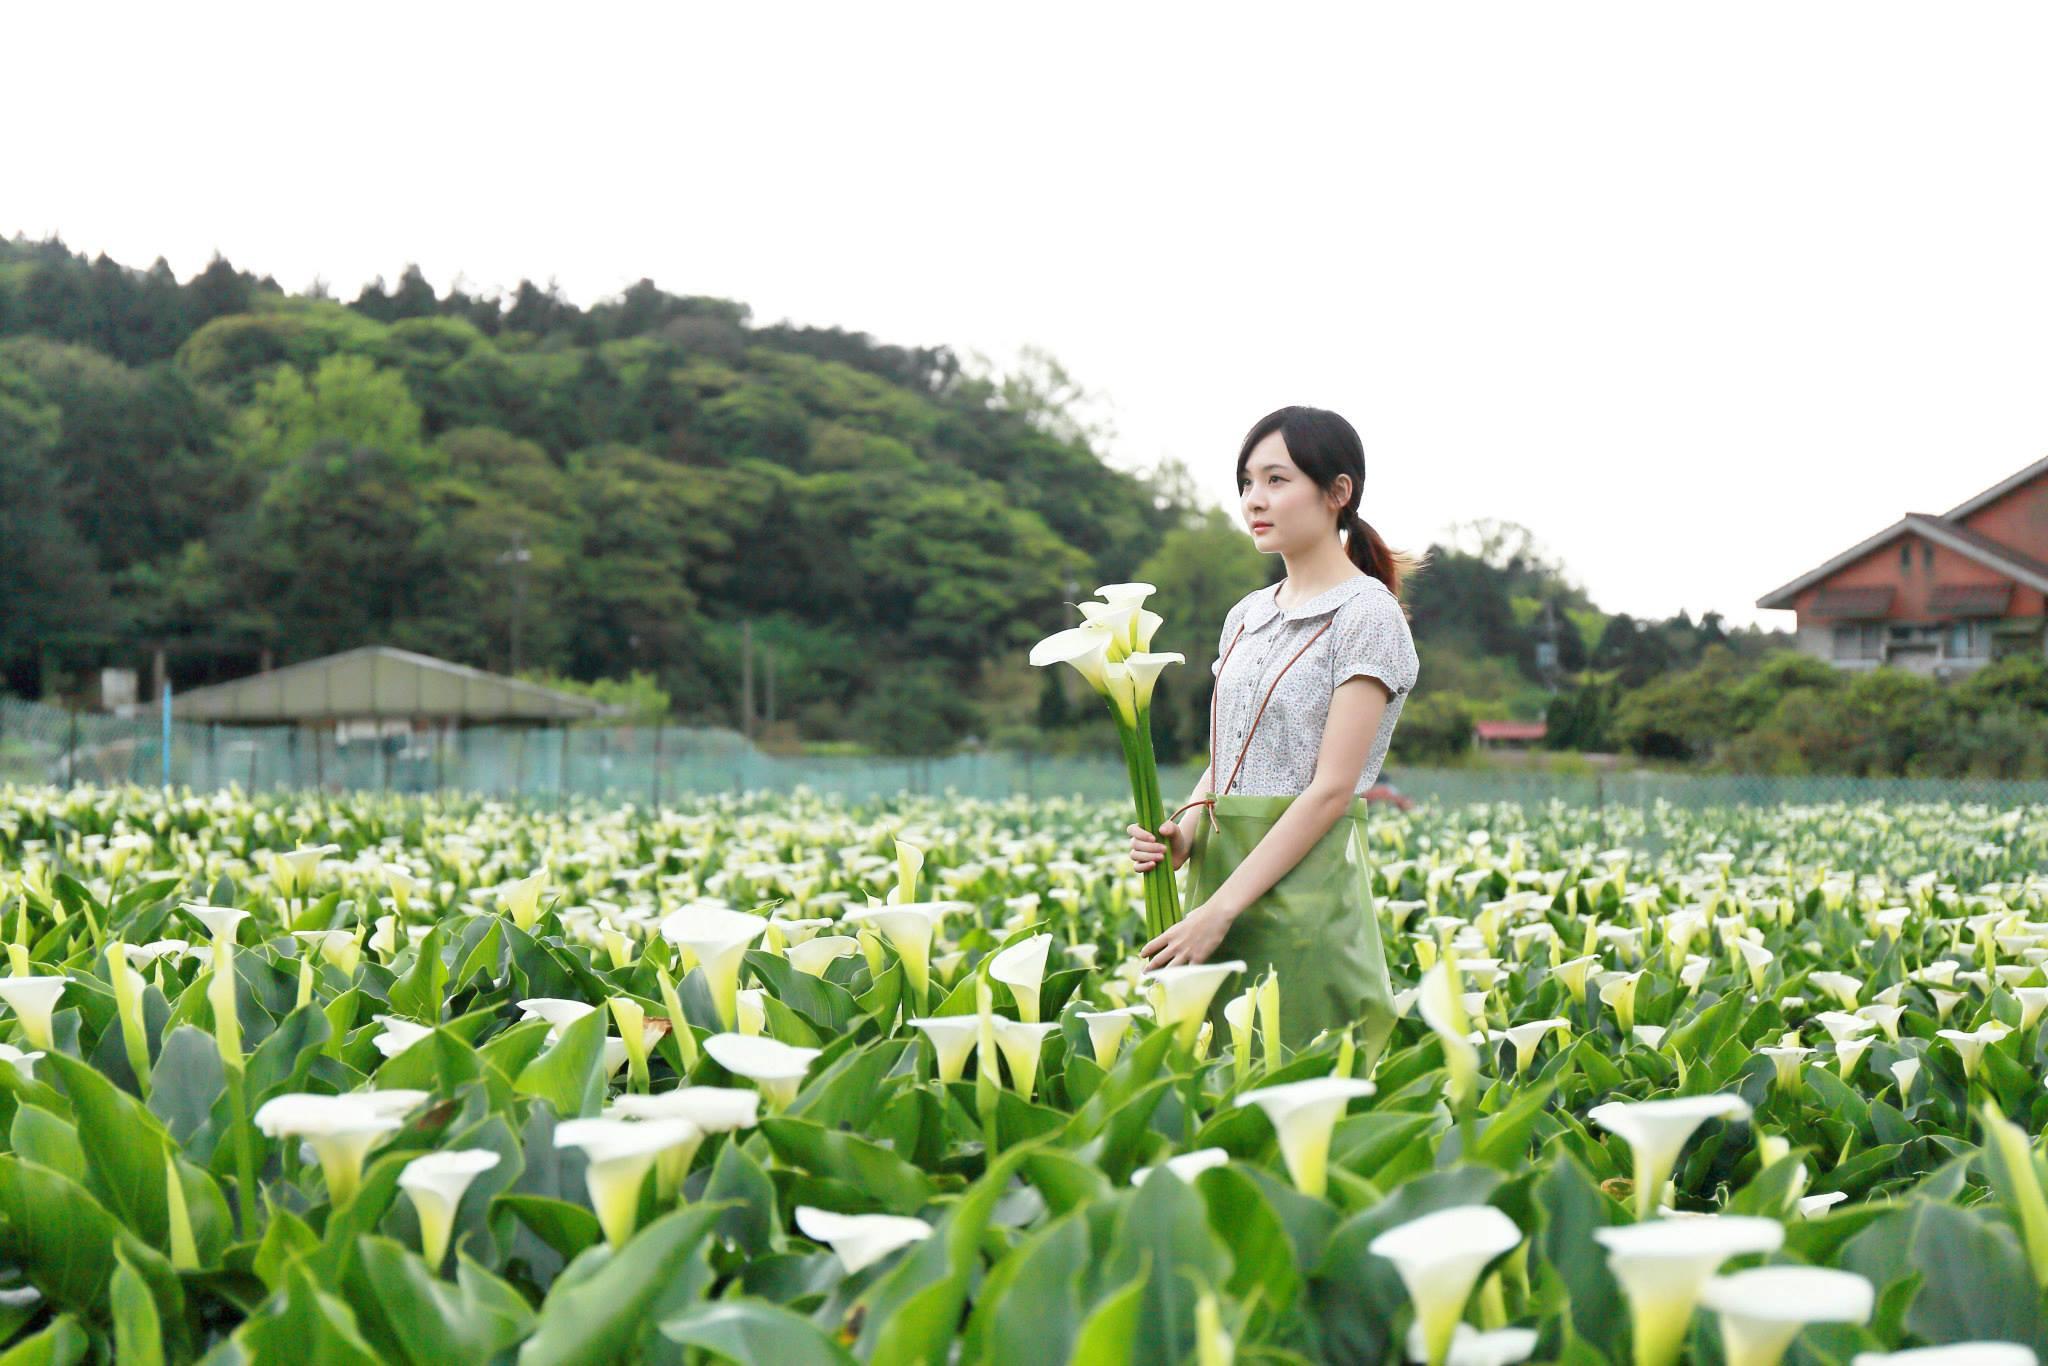 IG打卡季來臨│竹子湖海芋 繡球花滿山開???? 就等你來拍出屬於自己的獨特風格照!